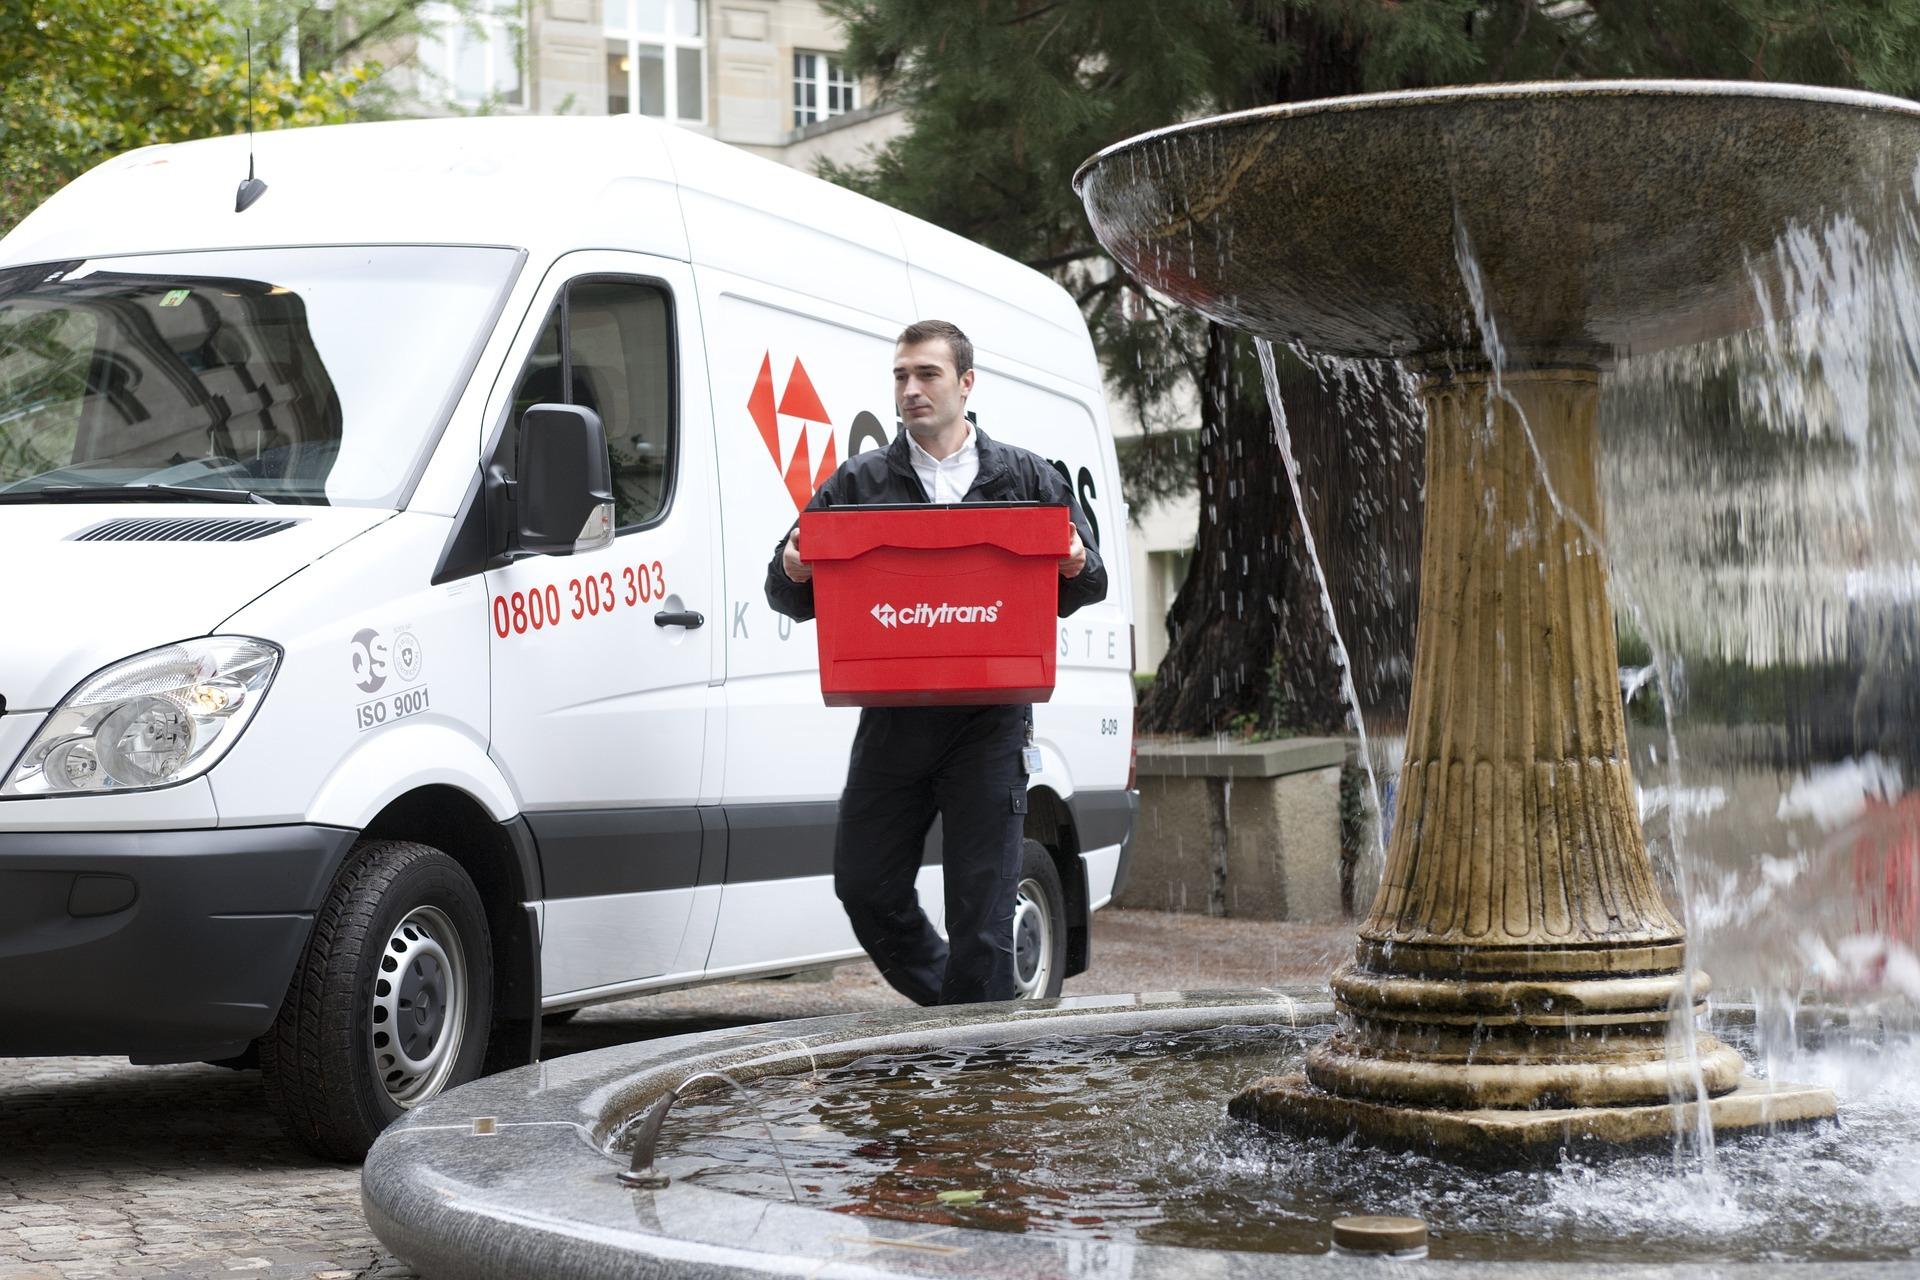 Paketdienste – Wann kommt mein Paket auf konsumguerilla.net